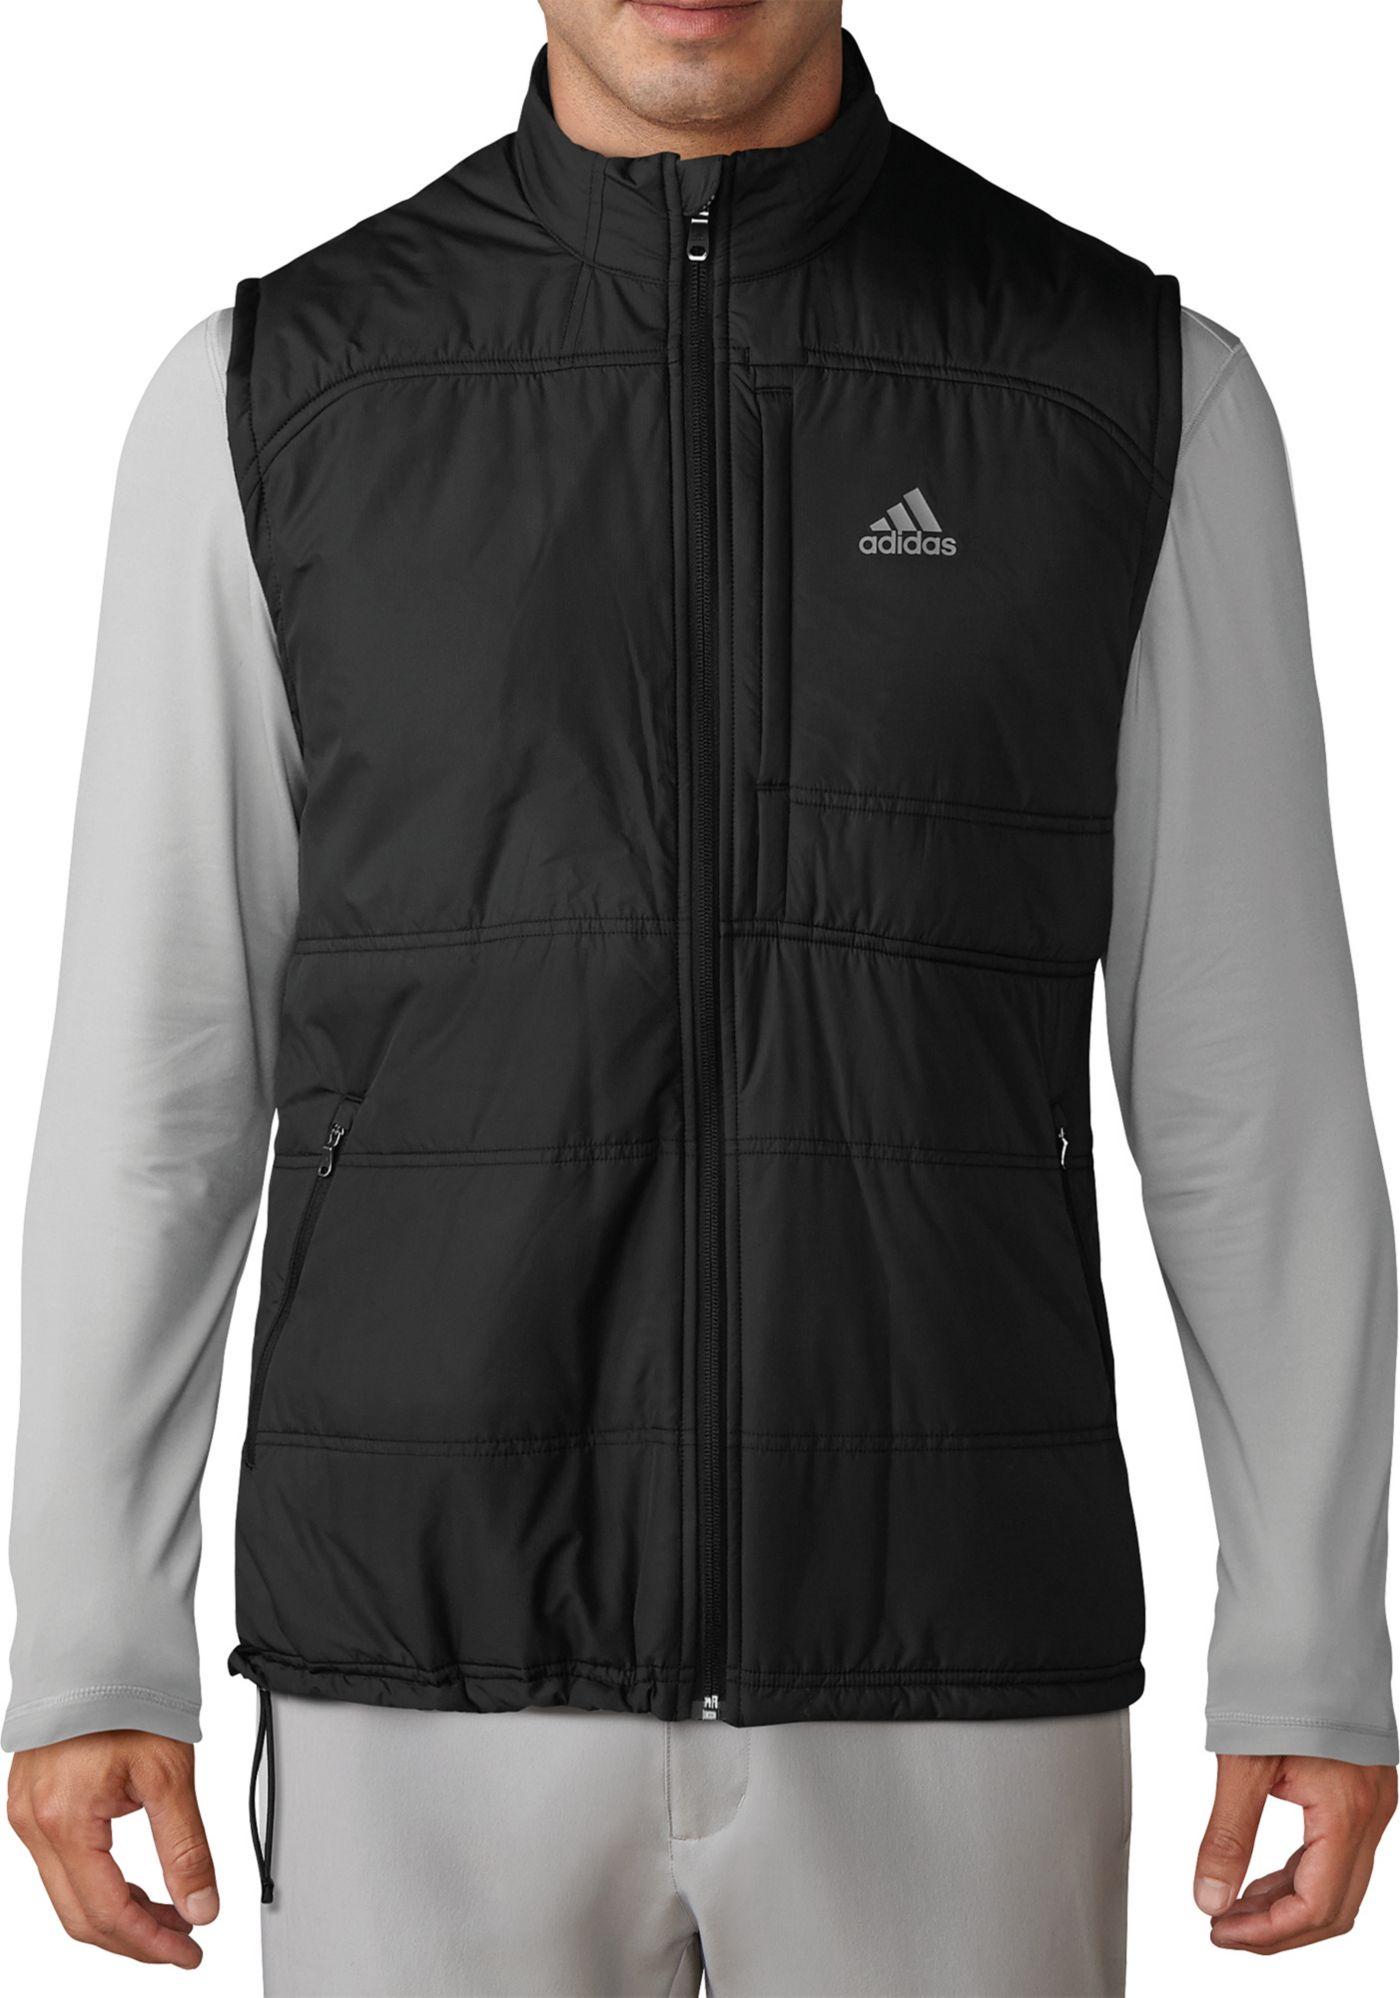 adidas climaheat PrimaLoft Full Zip Vest